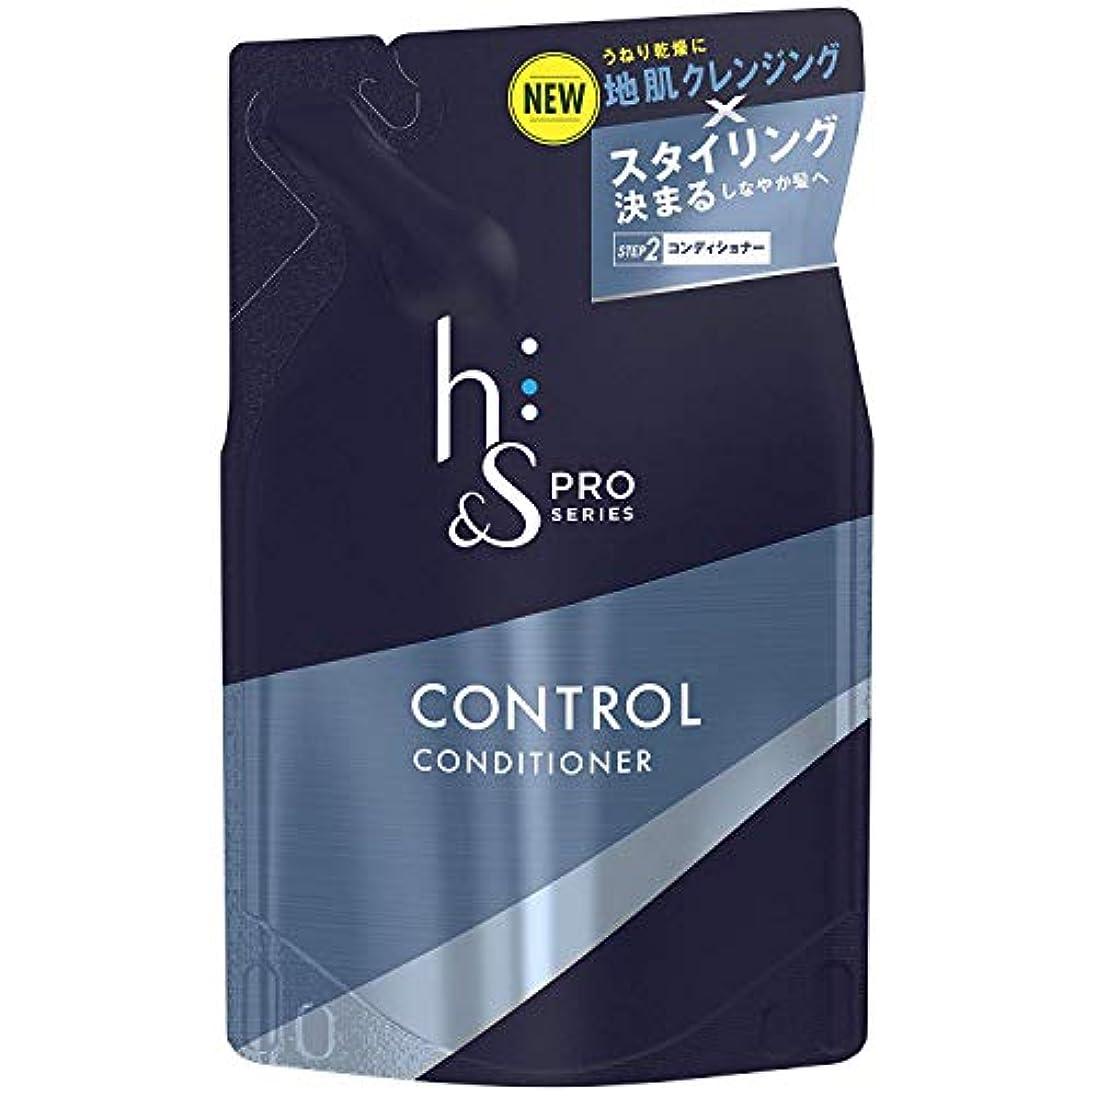 宗教的な製品ファンブル【3個セット】h&s PRO (エイチアンドエス プロ) メンズ コンディショナー コントロール 詰め替え (スタイリング重視) 300g